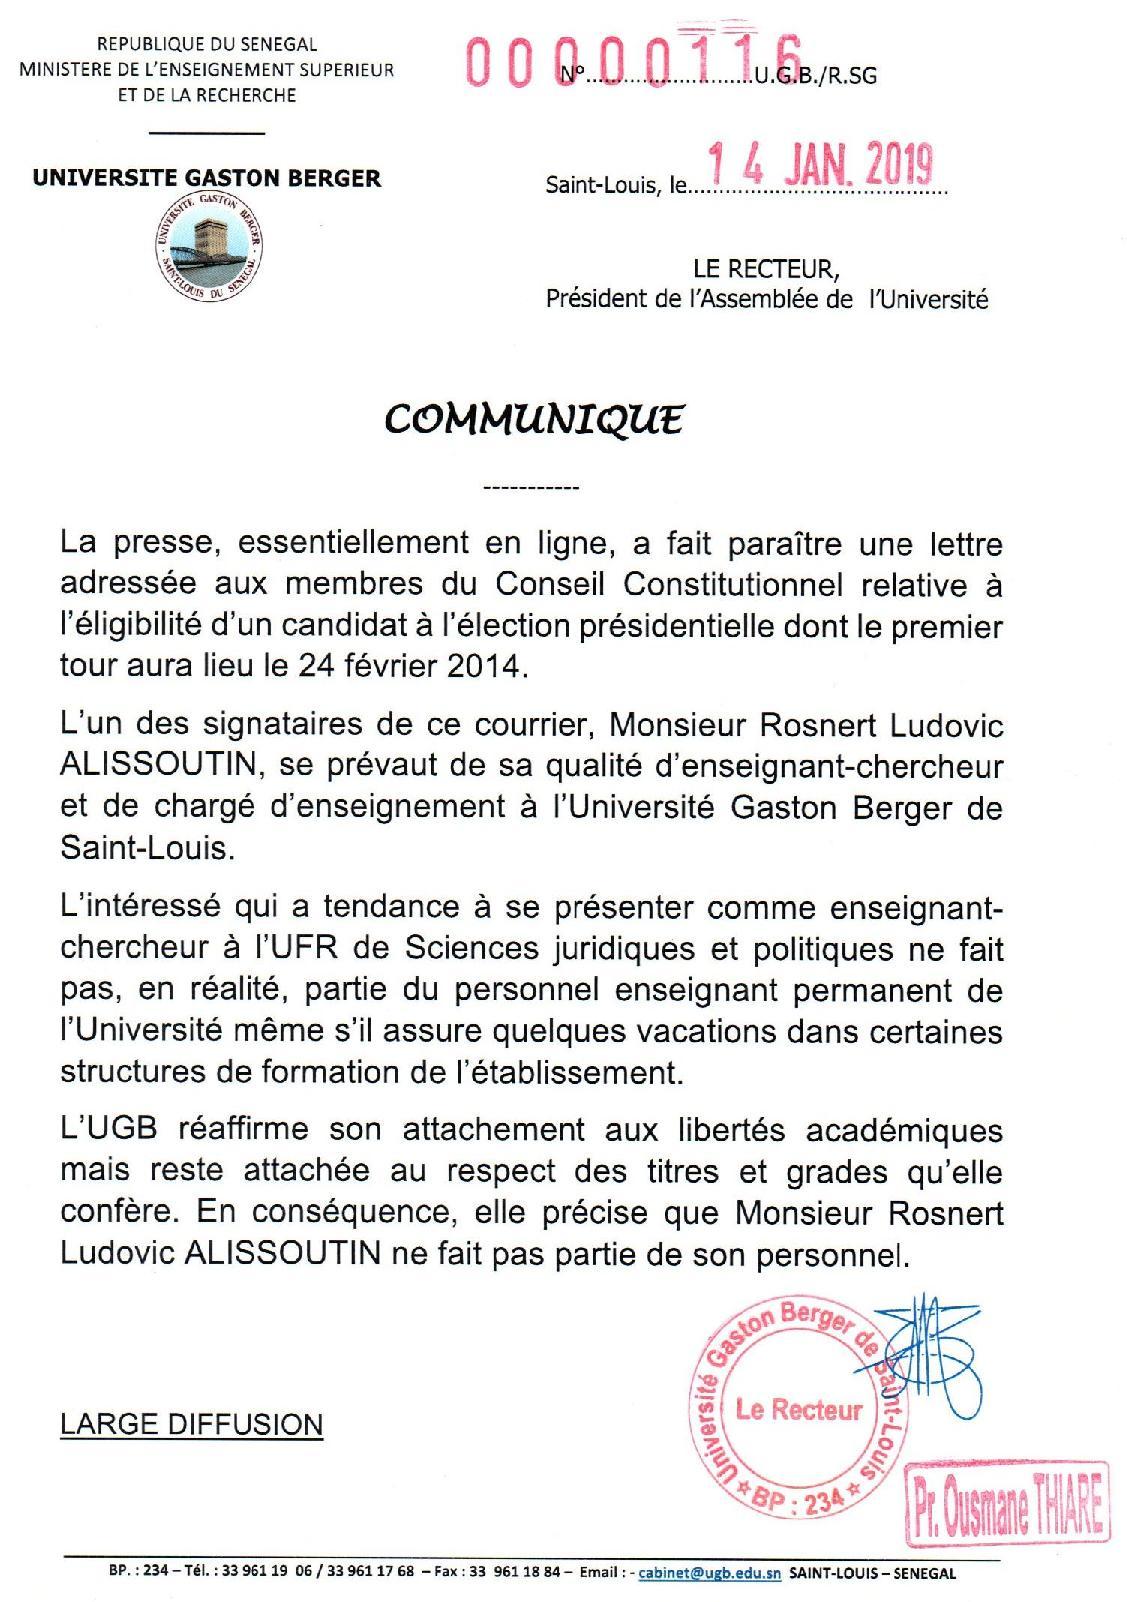 Précision de l'Université Gaston Berger (UGB) : Monsieur Rosnert Ludovic Alissoutin ne fait pas partie du personnel